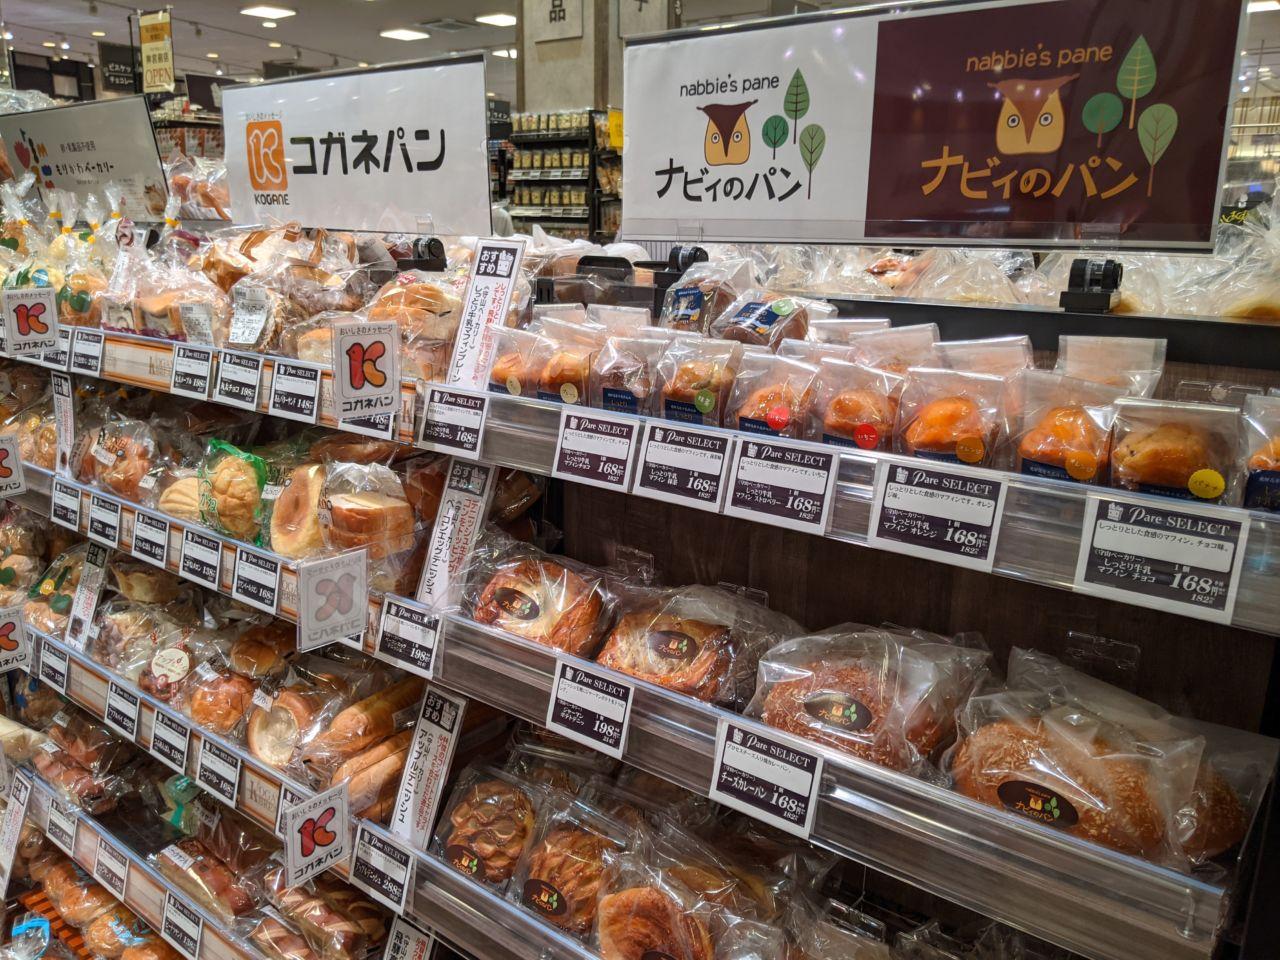 ホールセールのパン売場も他のSMとは一線を画す